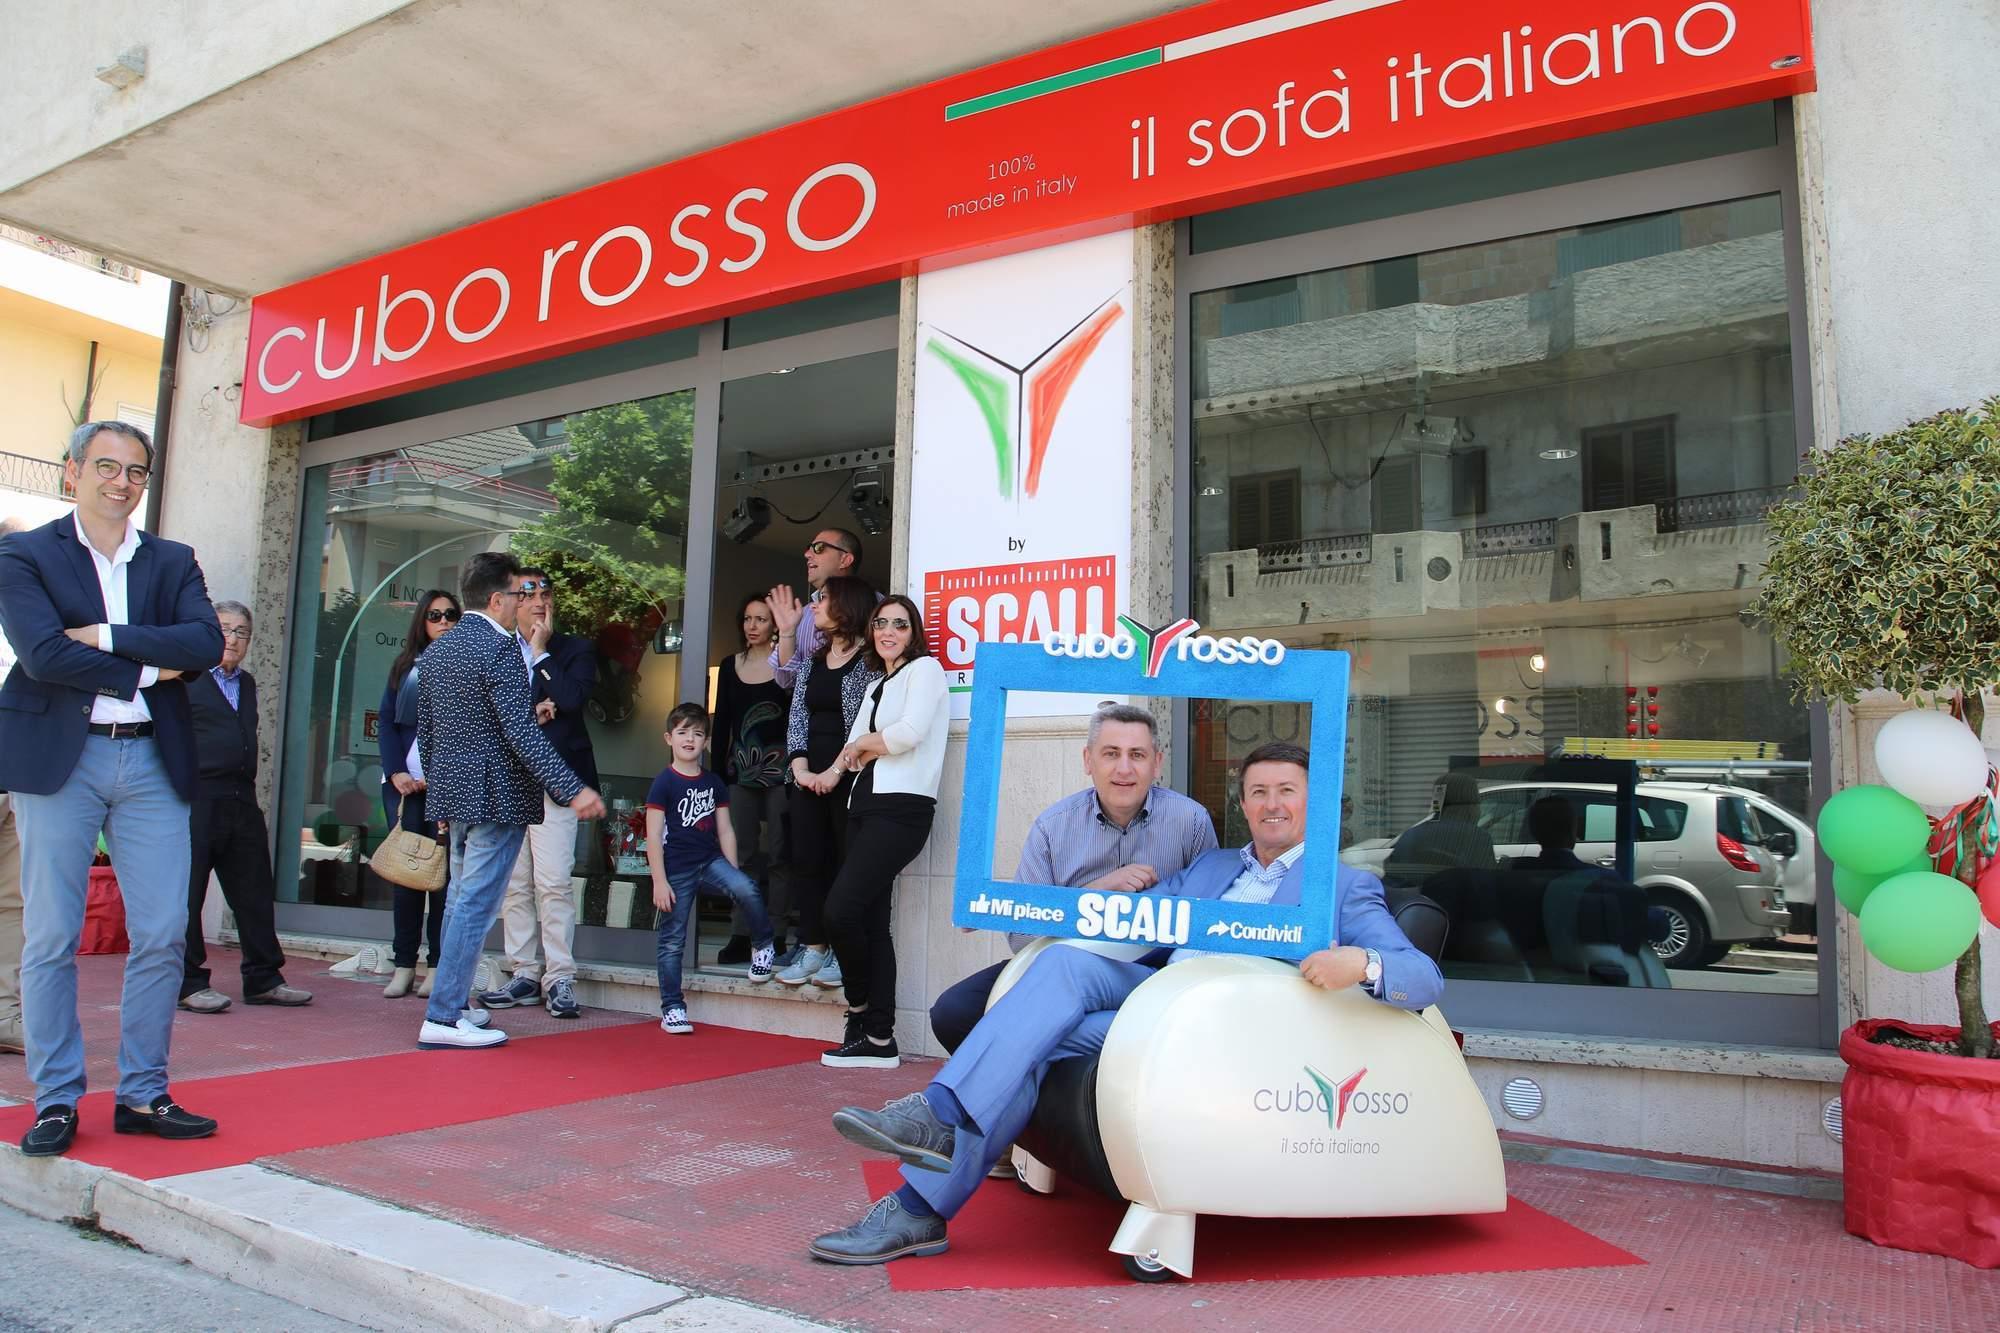 Scali arredamenti cuborosso divani for Distribuzione italiana arredamenti